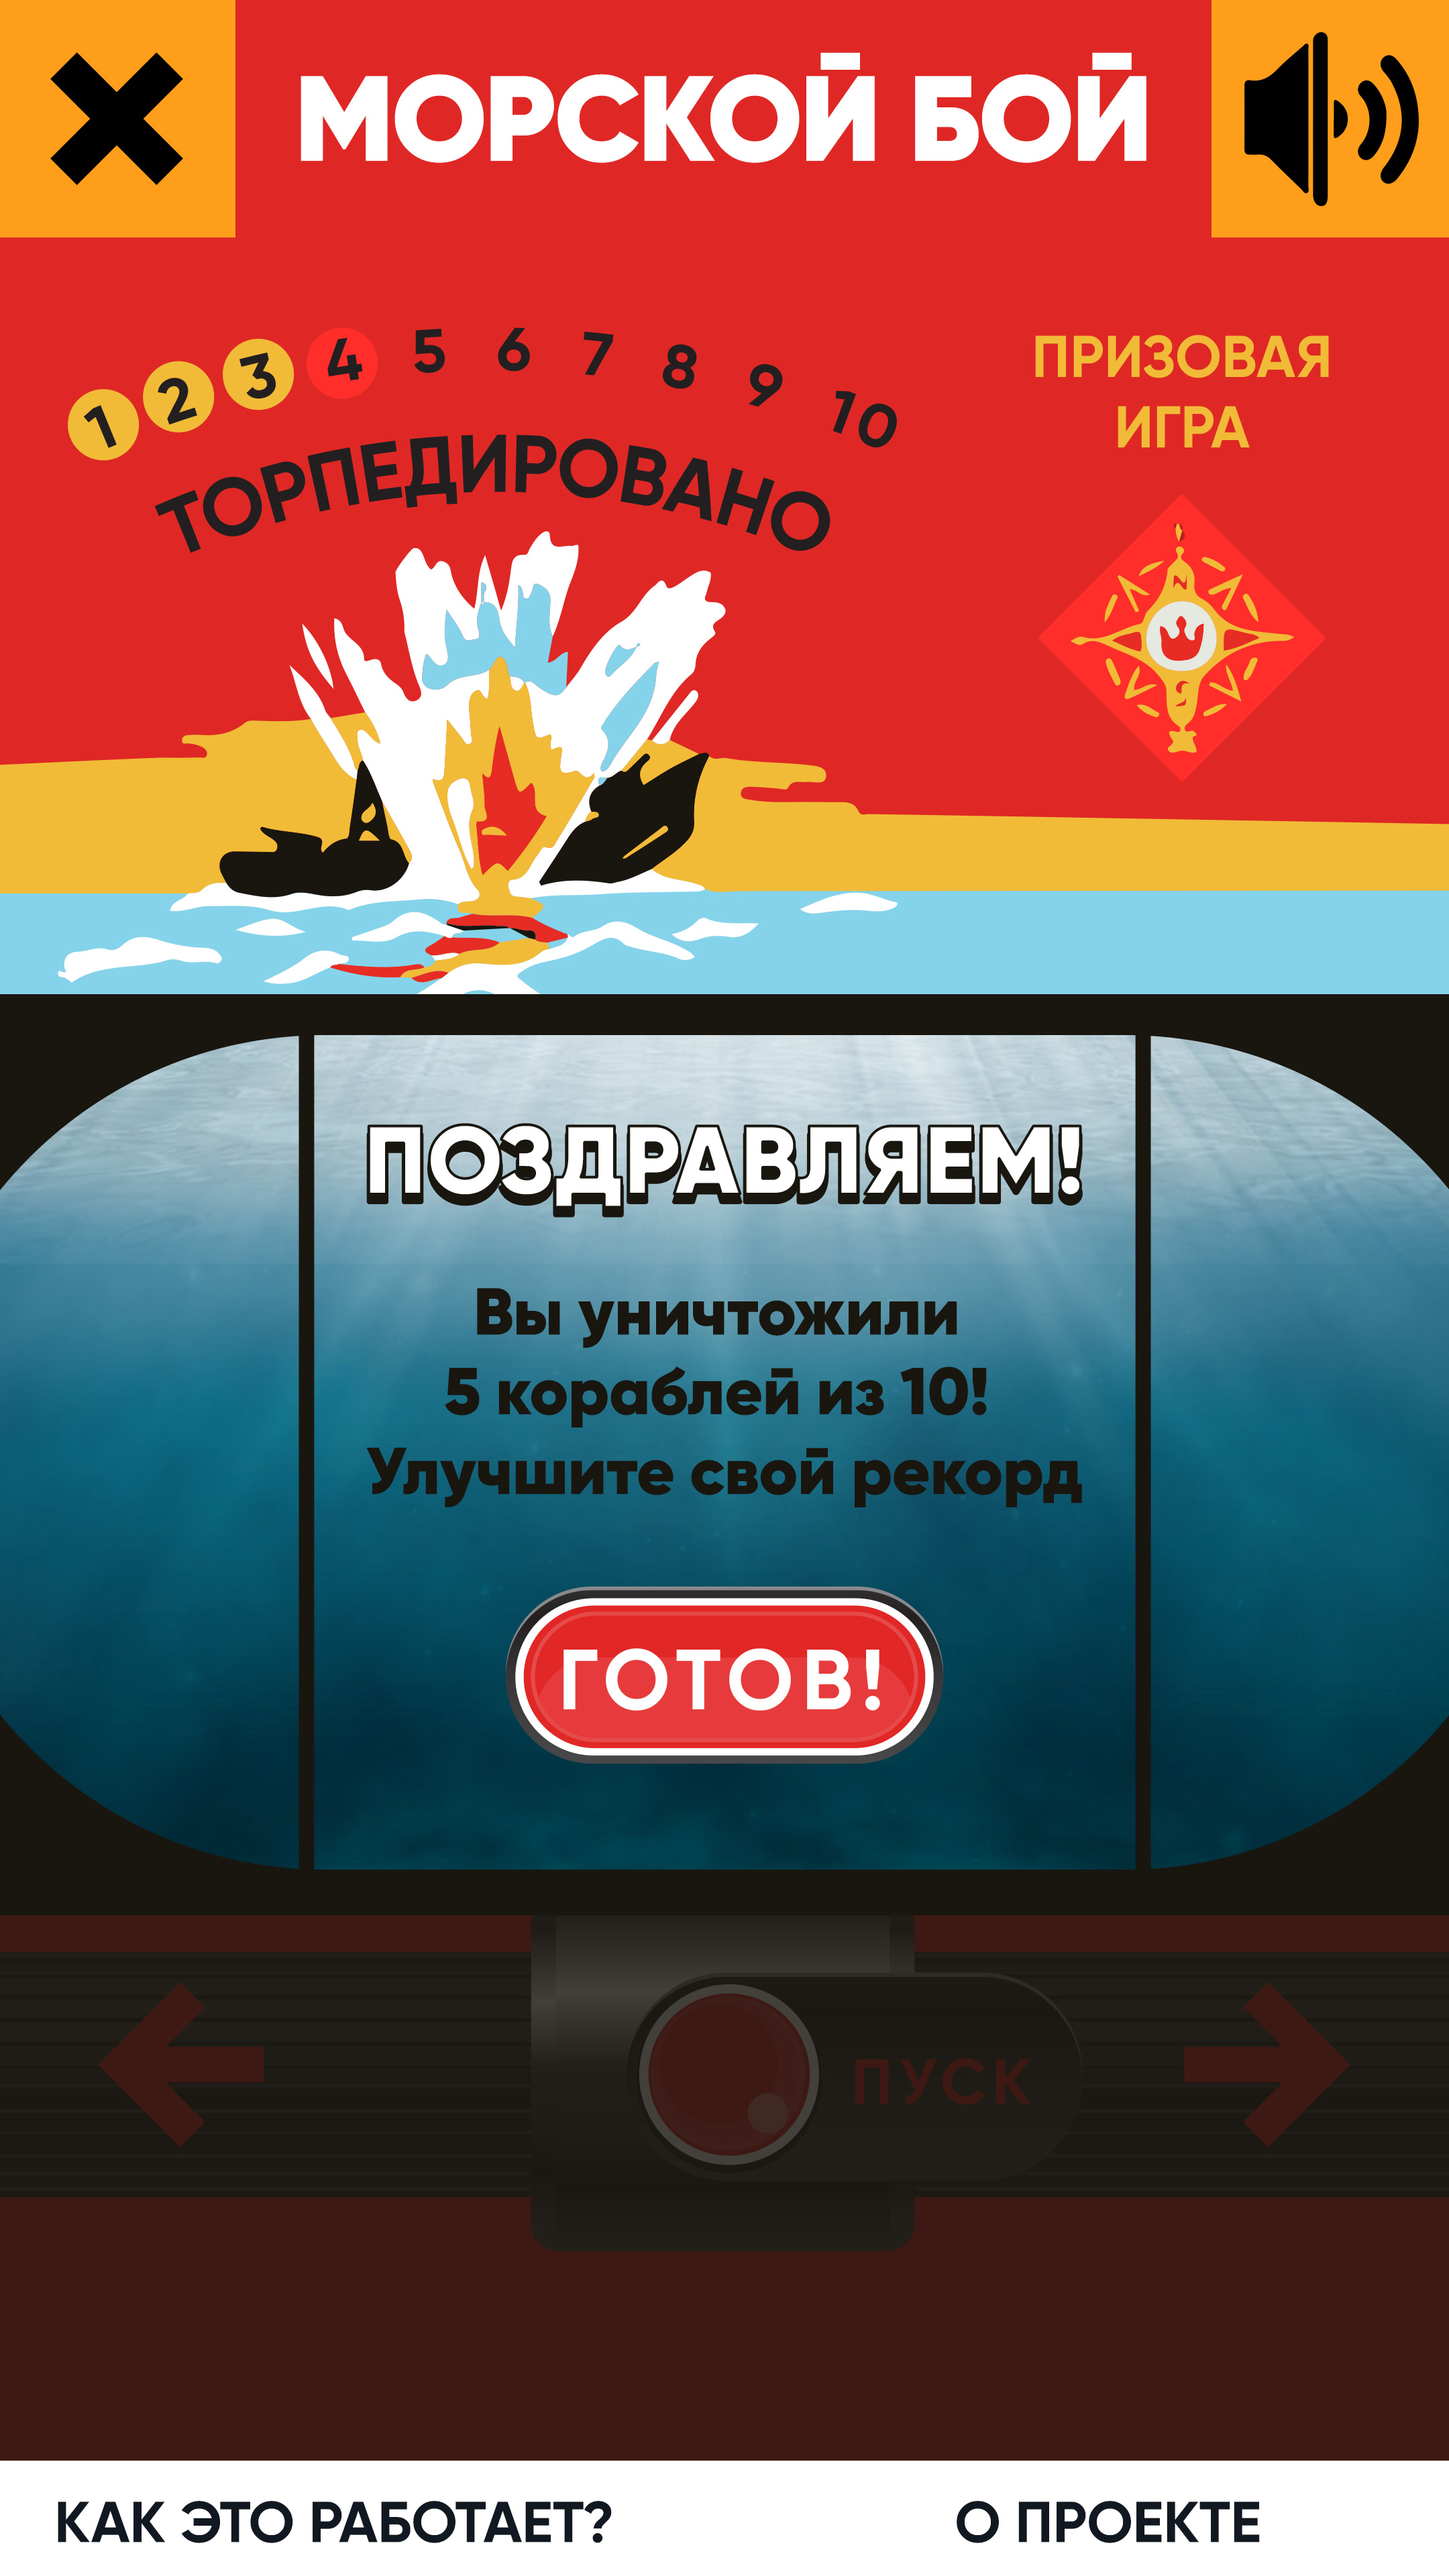 Морской Бой (Unity, C# | desktop, mobile)